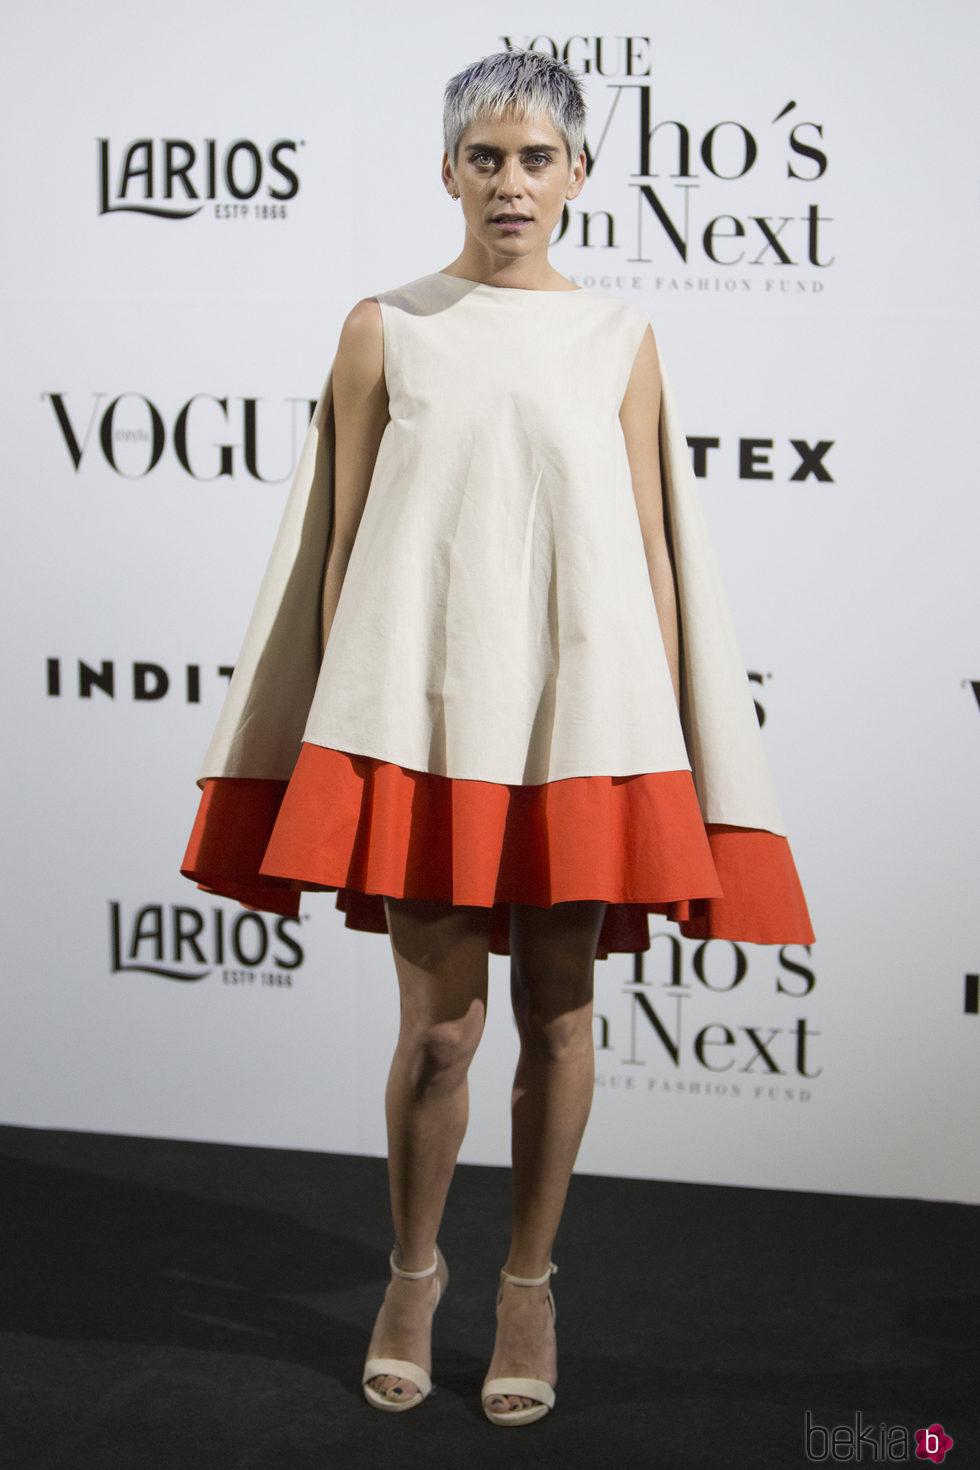 María León en la fiesta Vogue Who's on next 2017